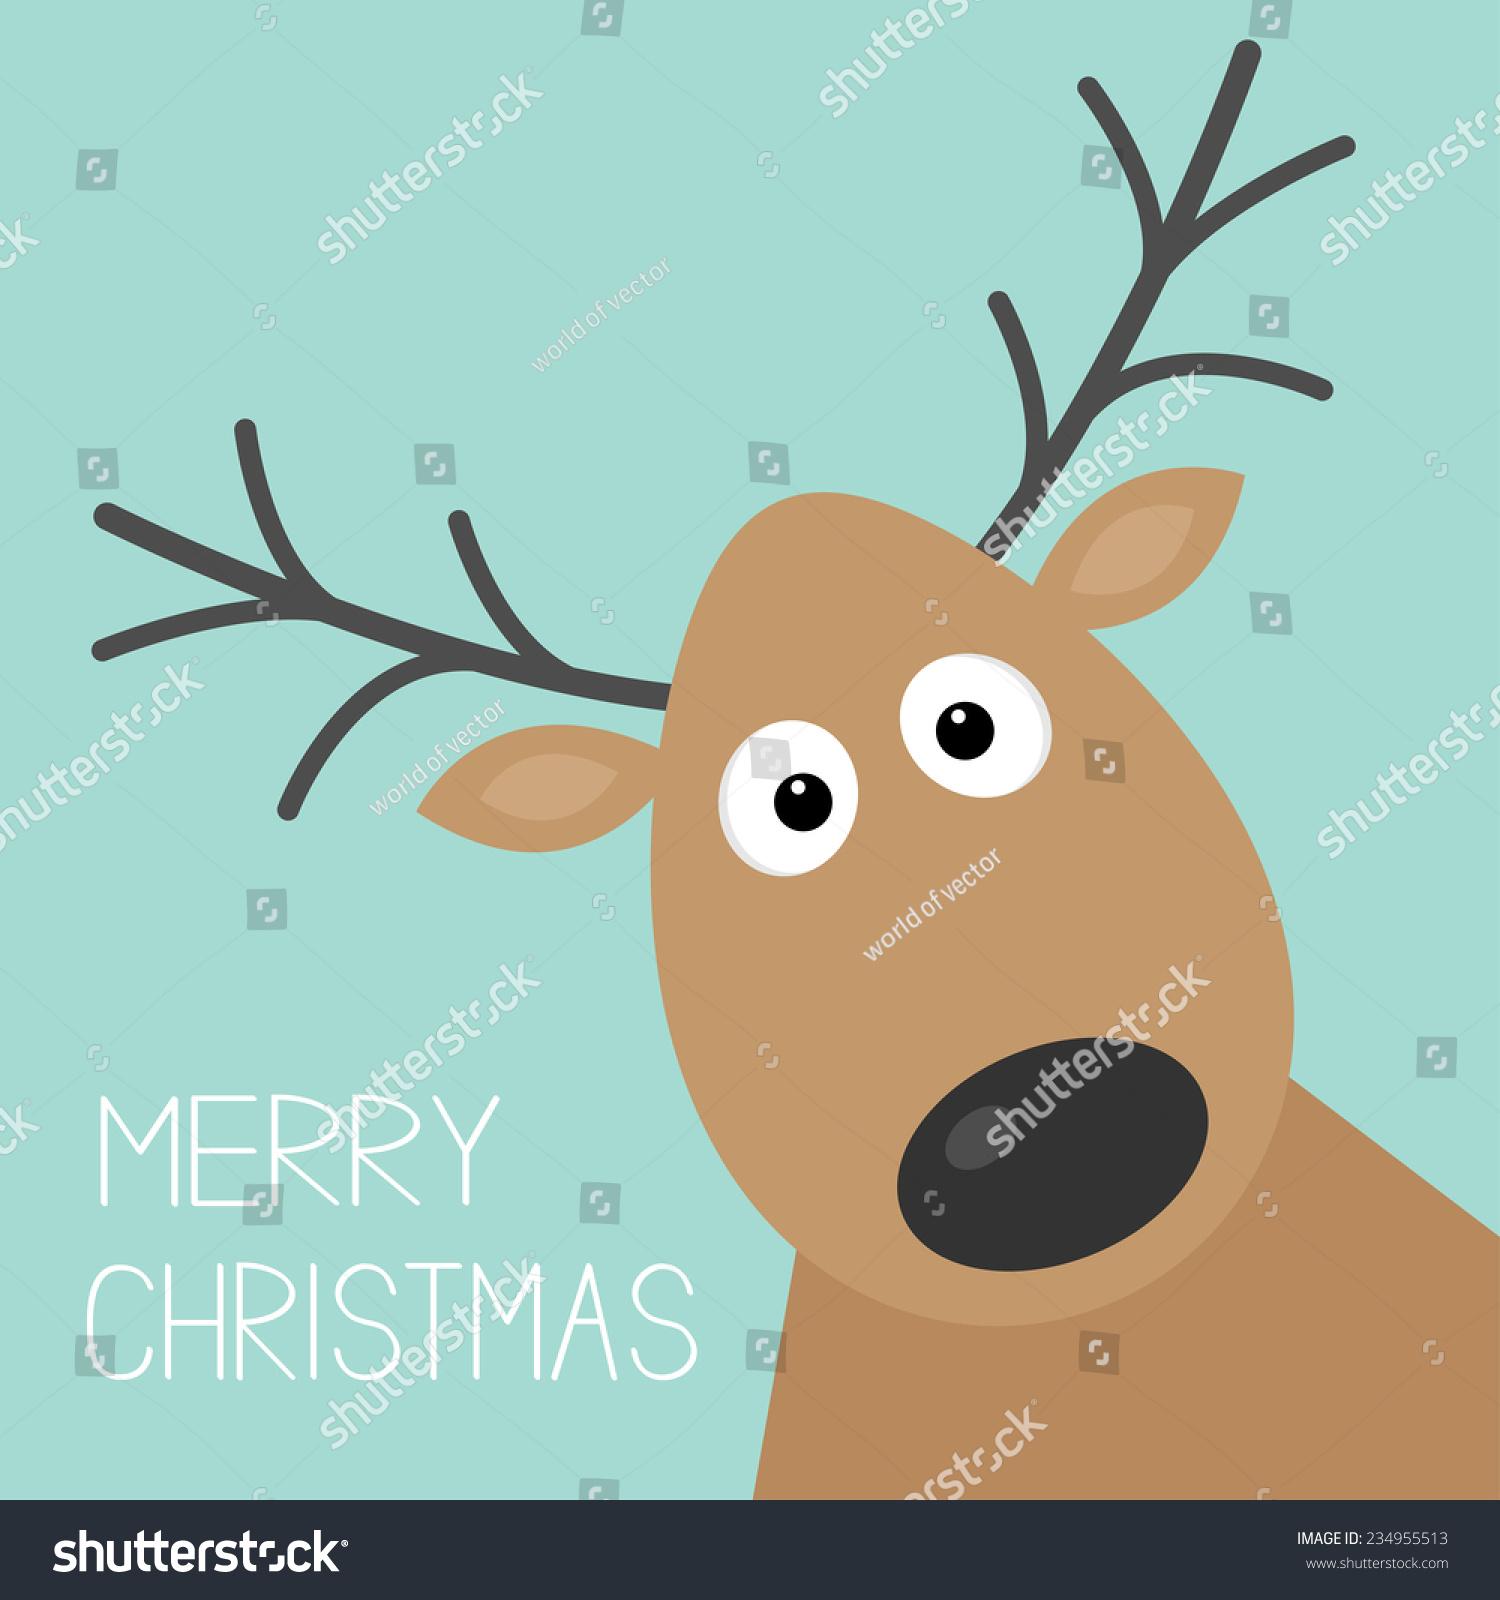 可爱的卡通鹿脸与喇叭圣诞背景卡平面设计-动物/野生